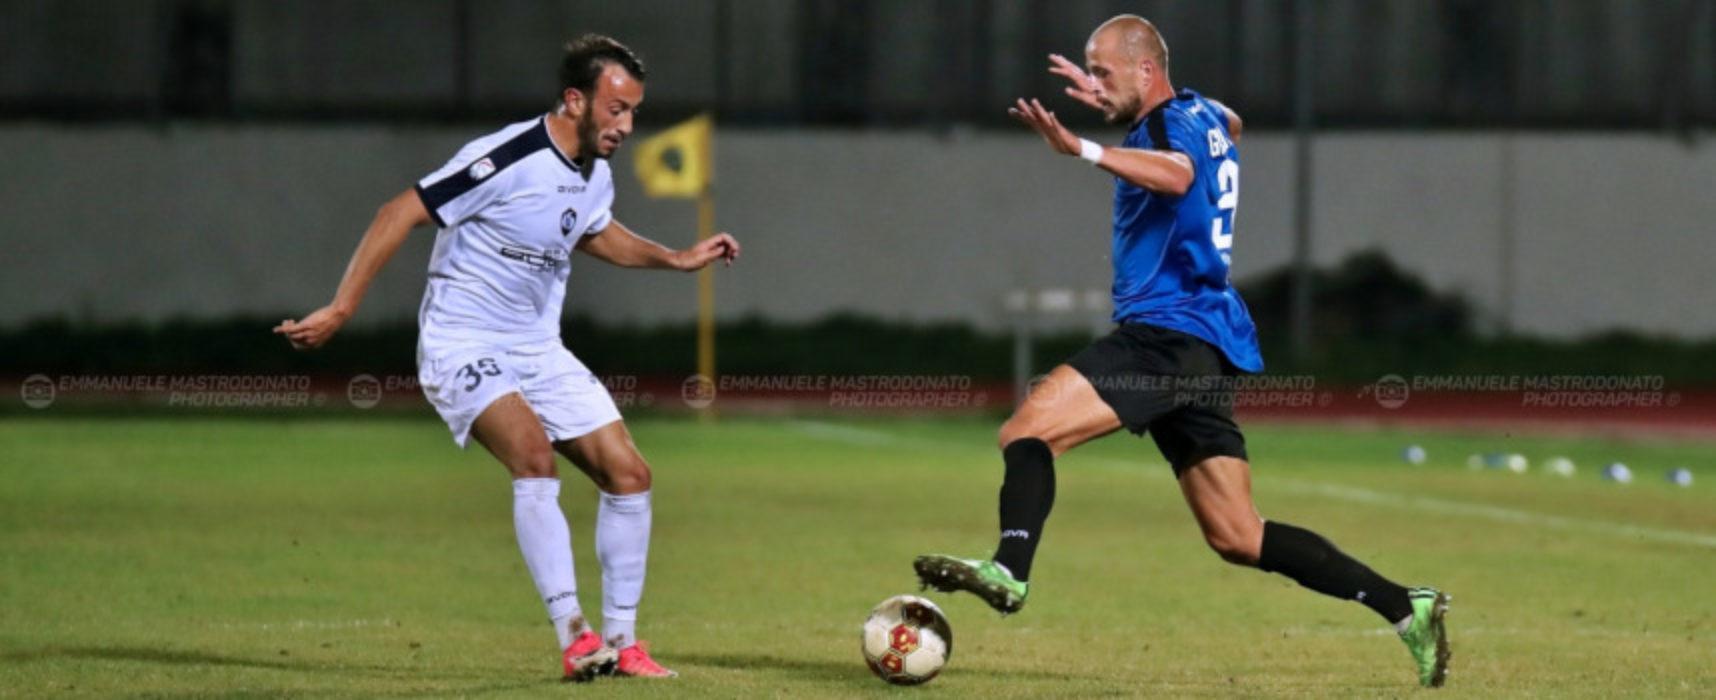 Cavese-gol su rigore, stop per il Bisceglie Calcio